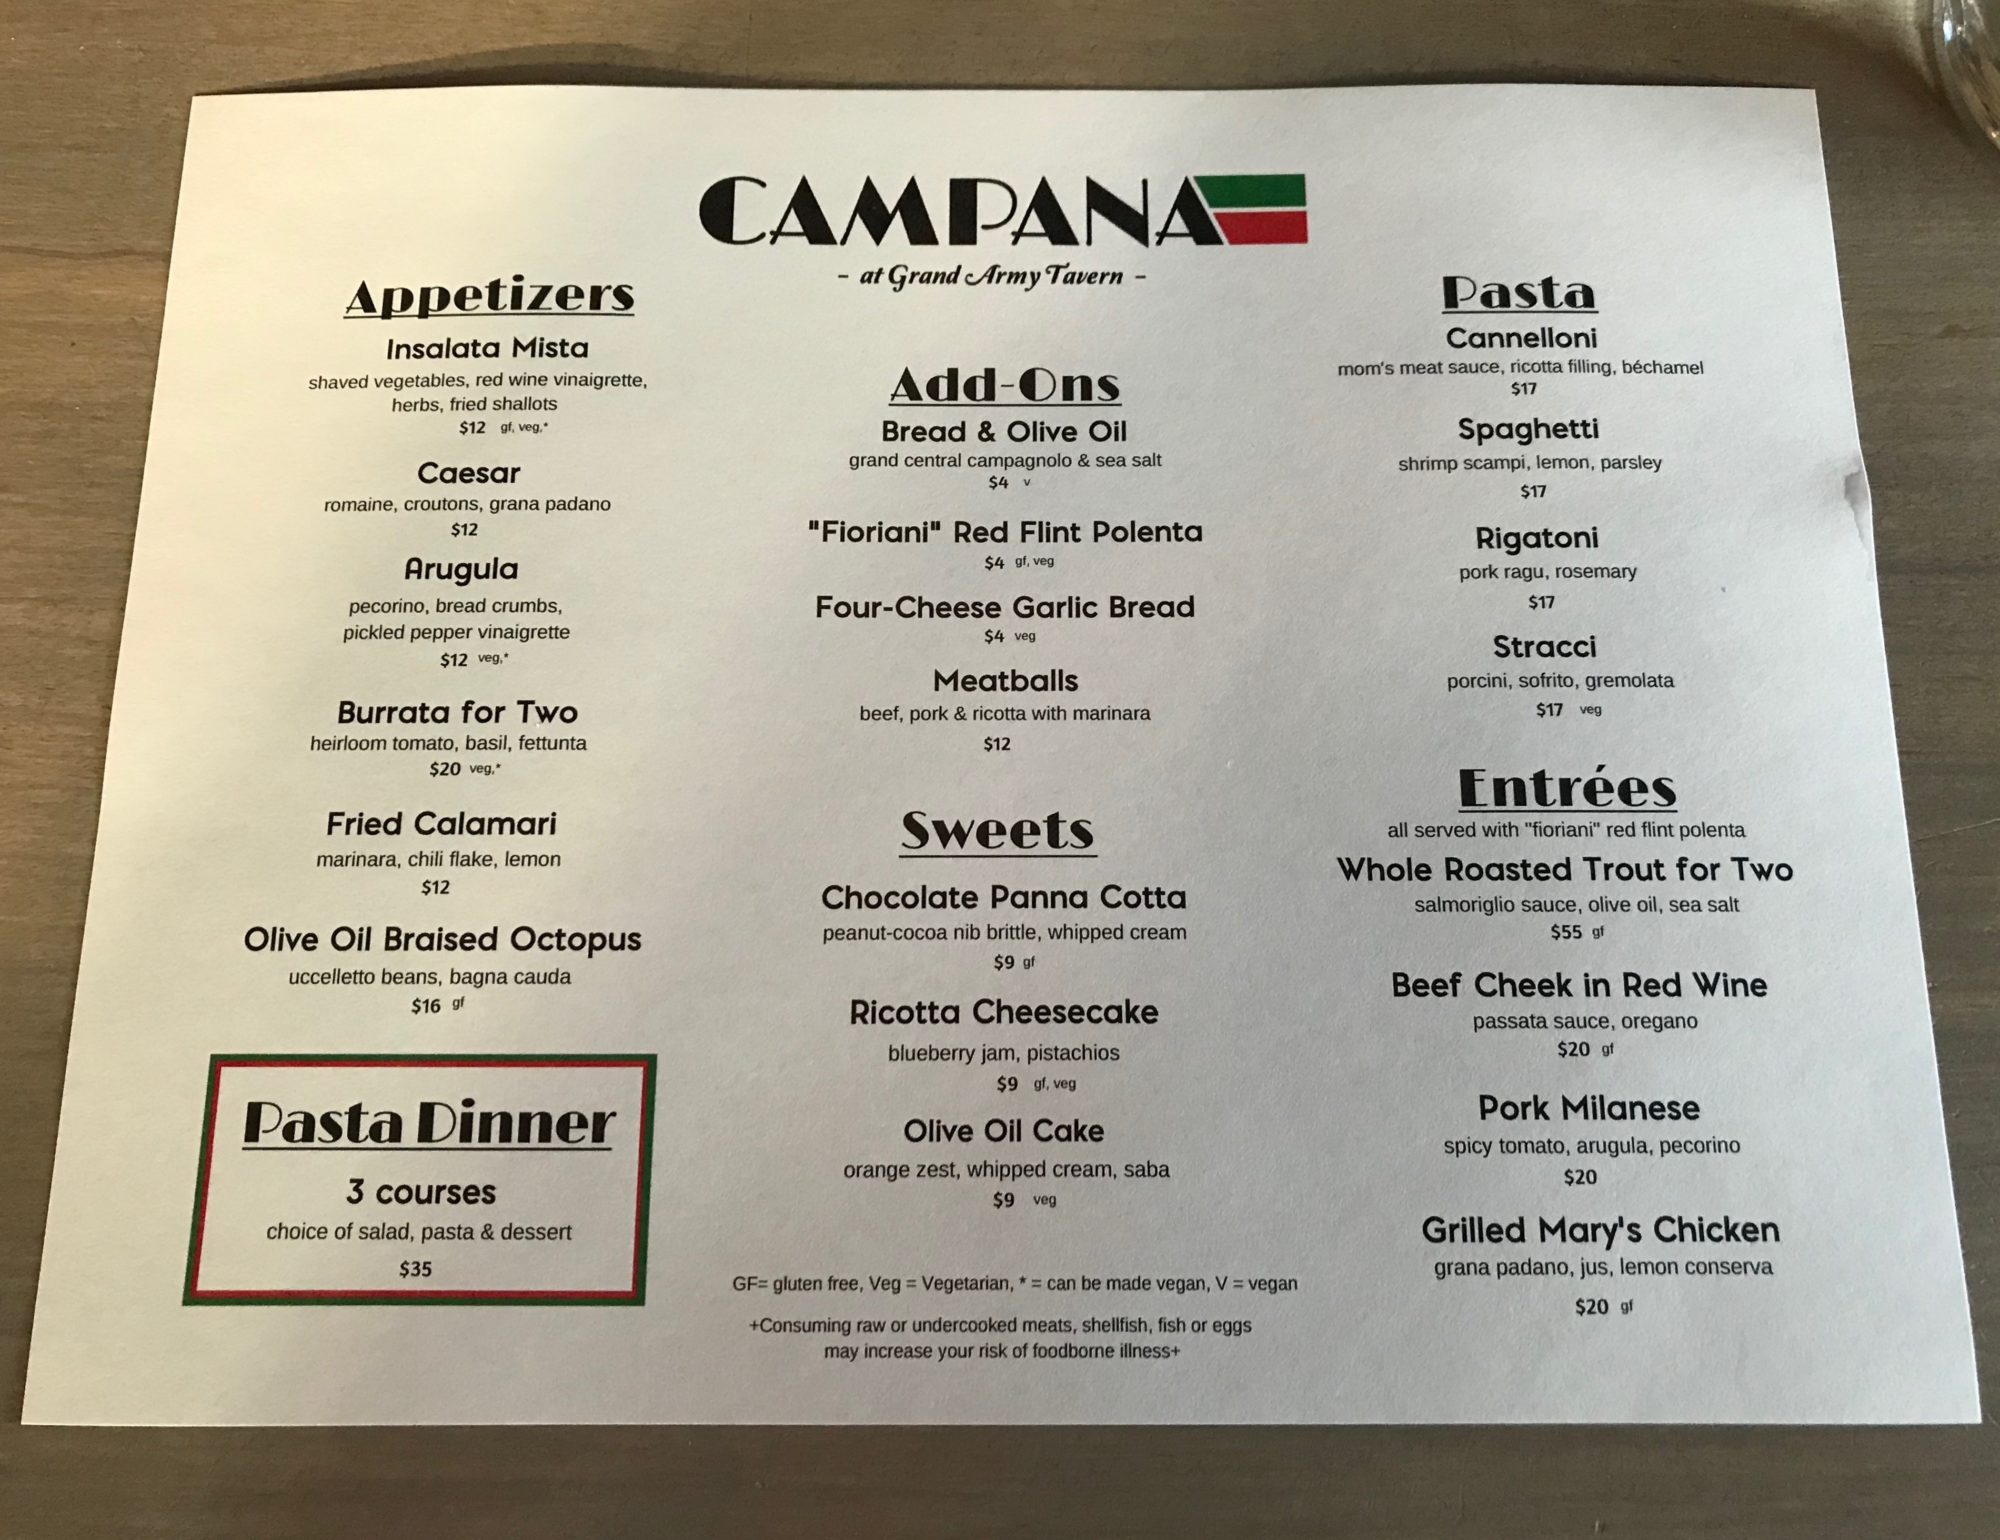 campana-menu-portland-oregon